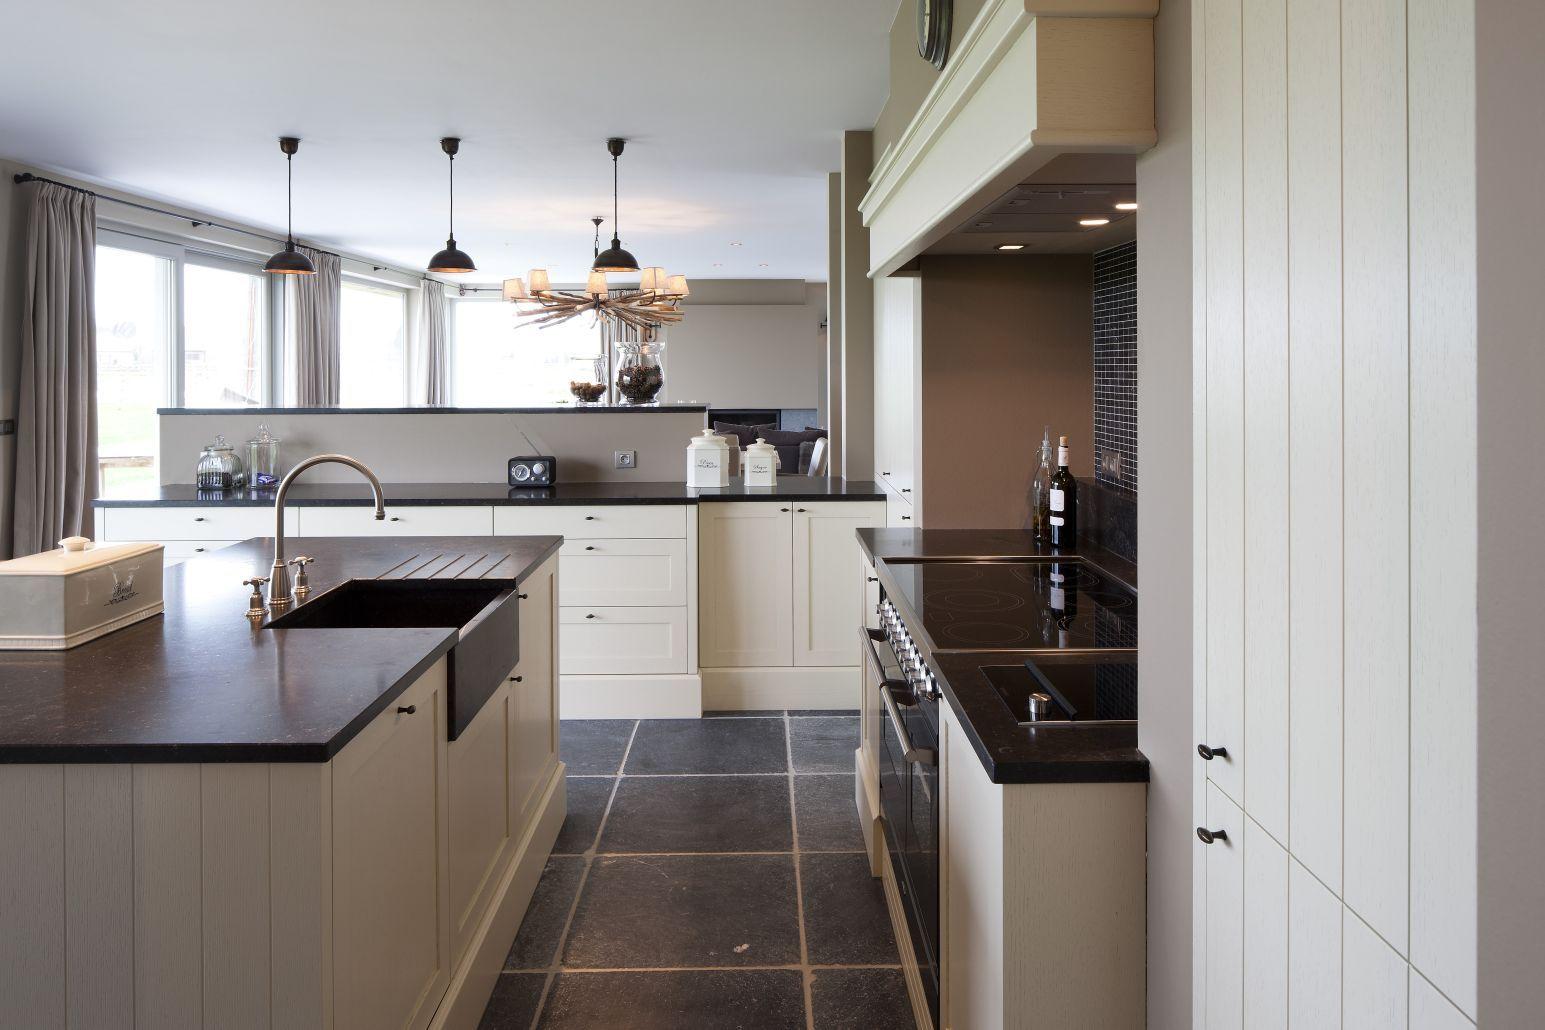 Aanbouw Keuken Landelijk : Pin by Anja De Muyer on Kitchens Pinterest